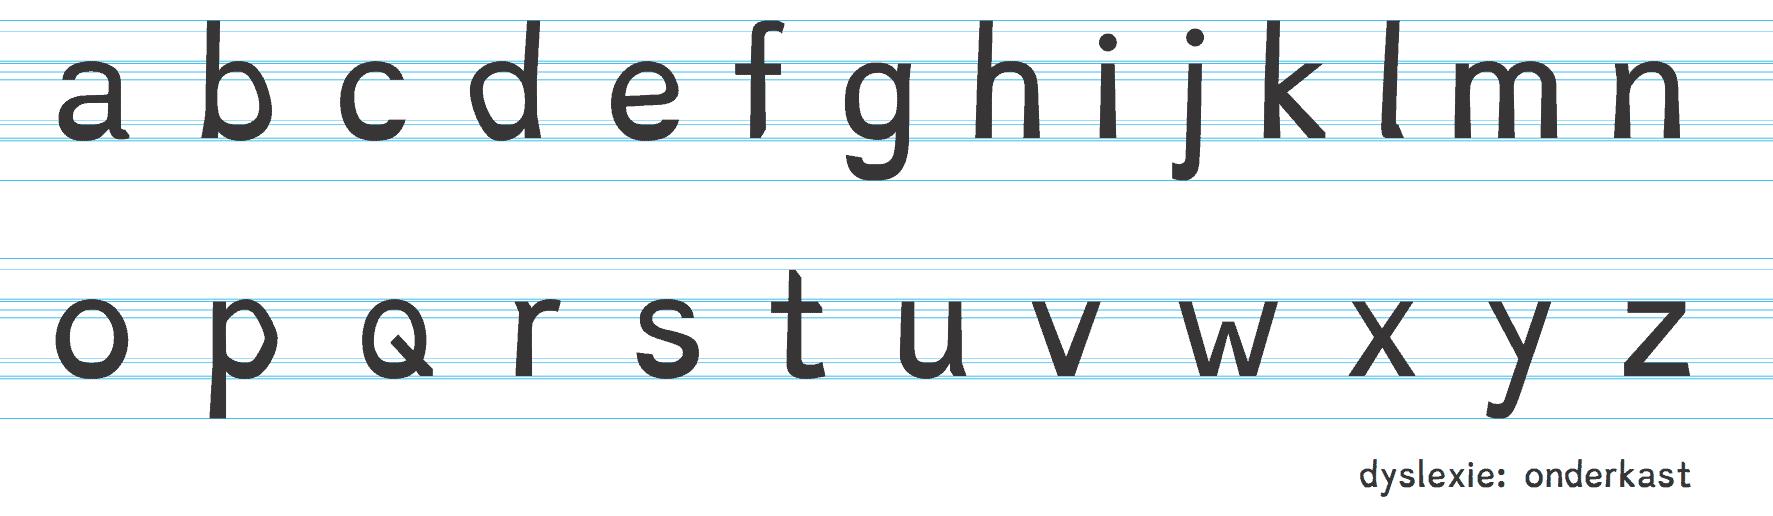 Dyslexie skrifttype